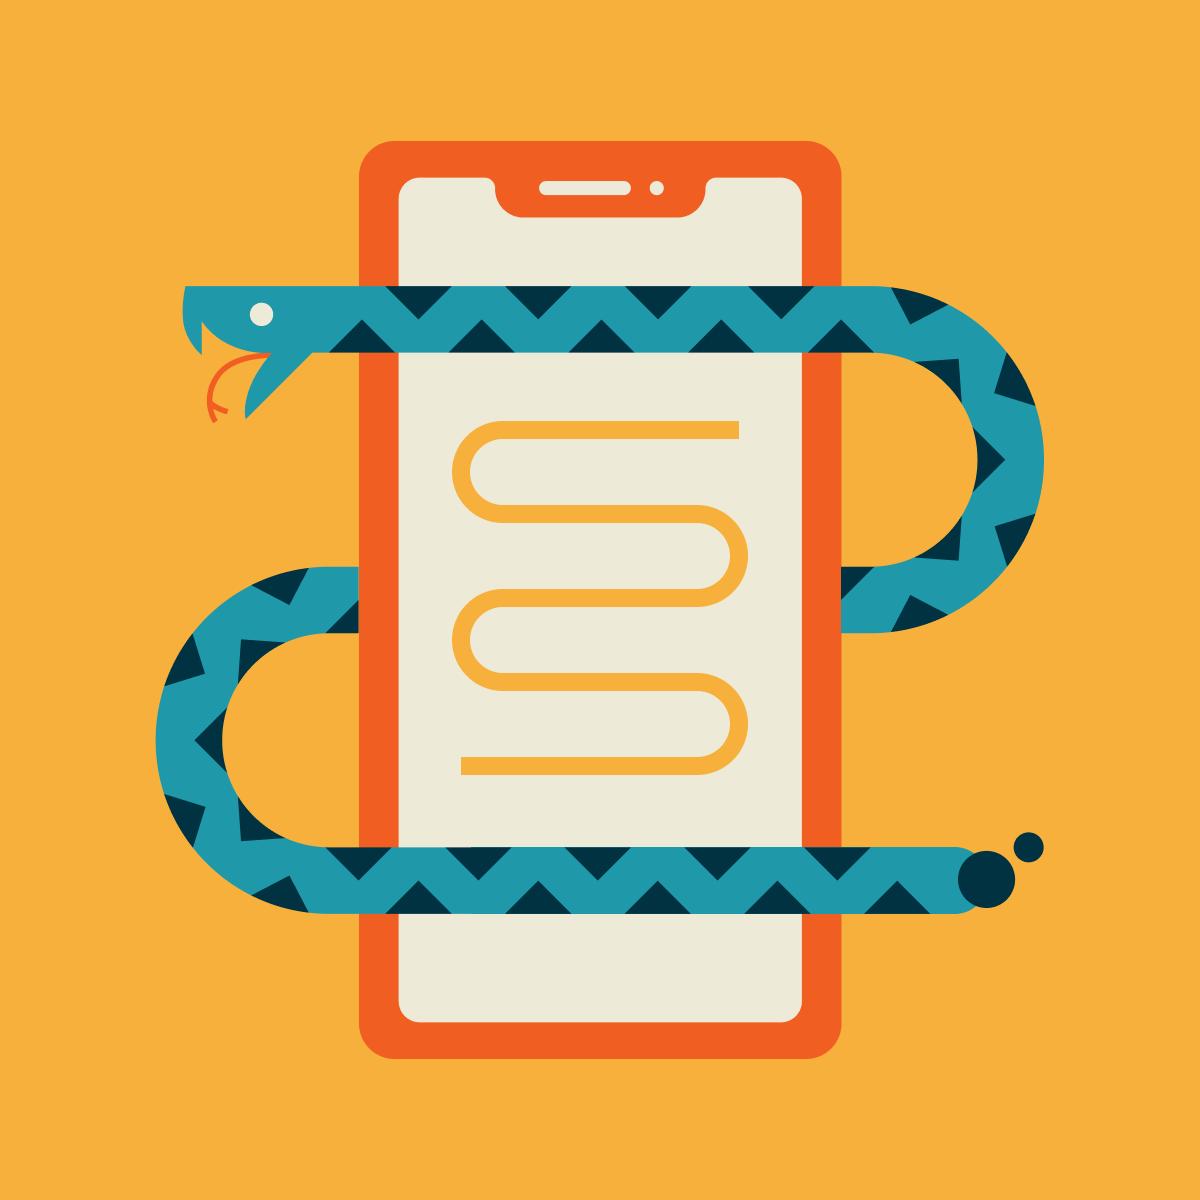 Implementing Custom UITableViewCell Separators in iOS | Viget